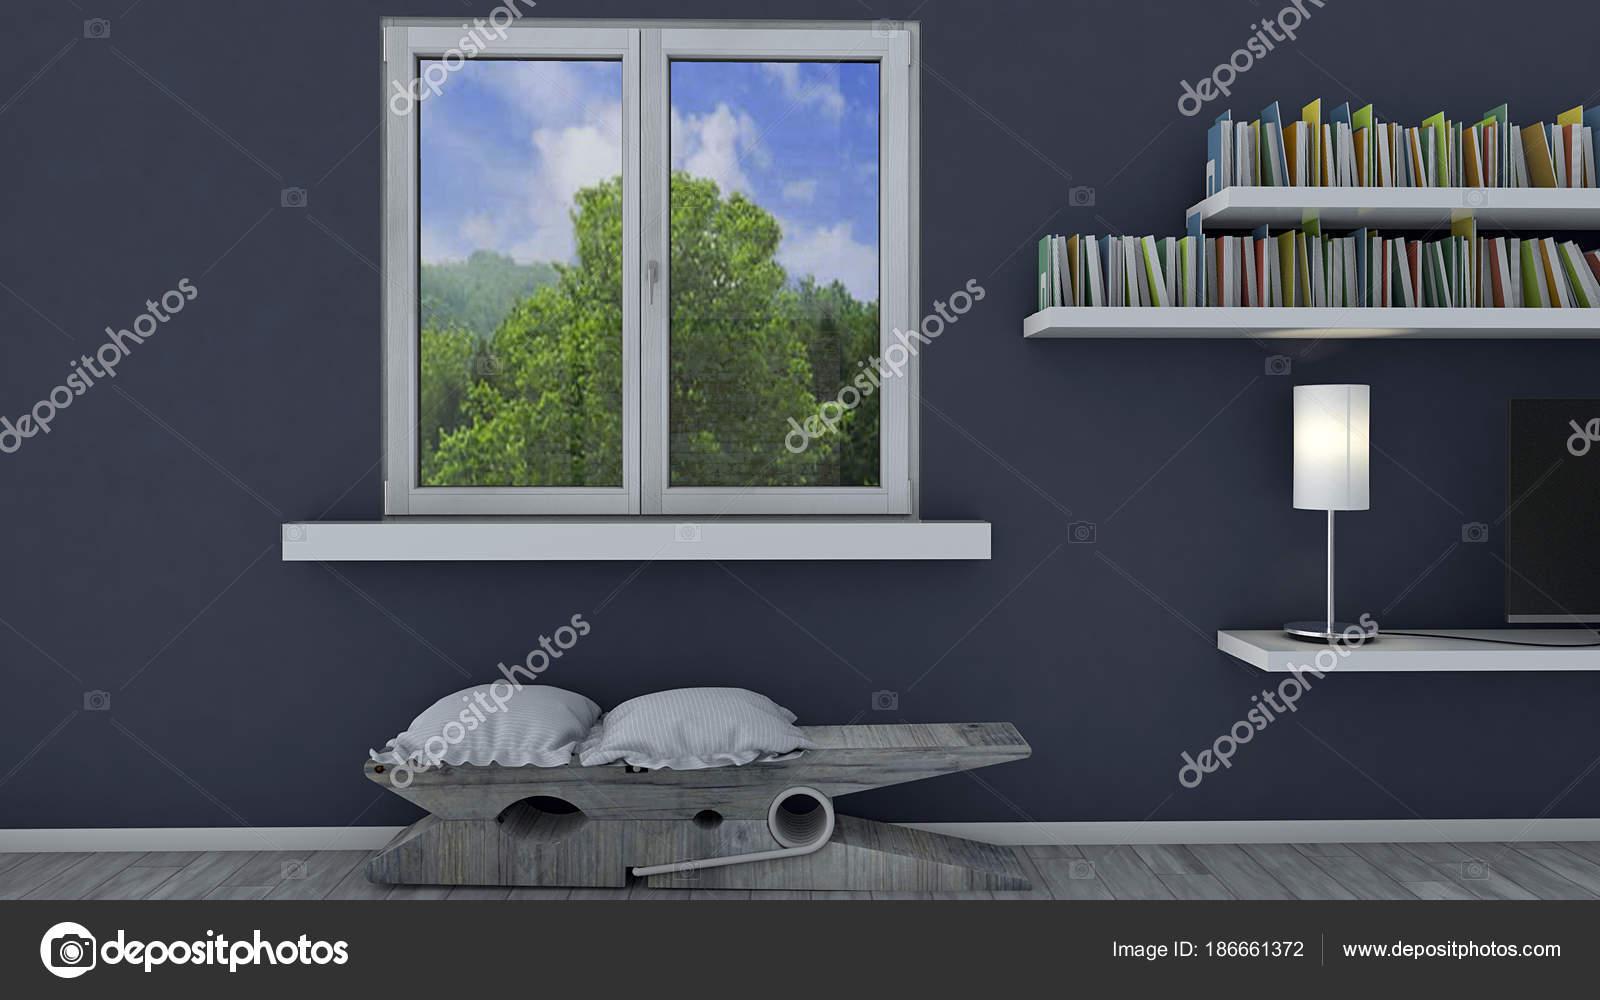 interieur decoratie boekenkast opknoping een blauwe muur een venster met stockfoto